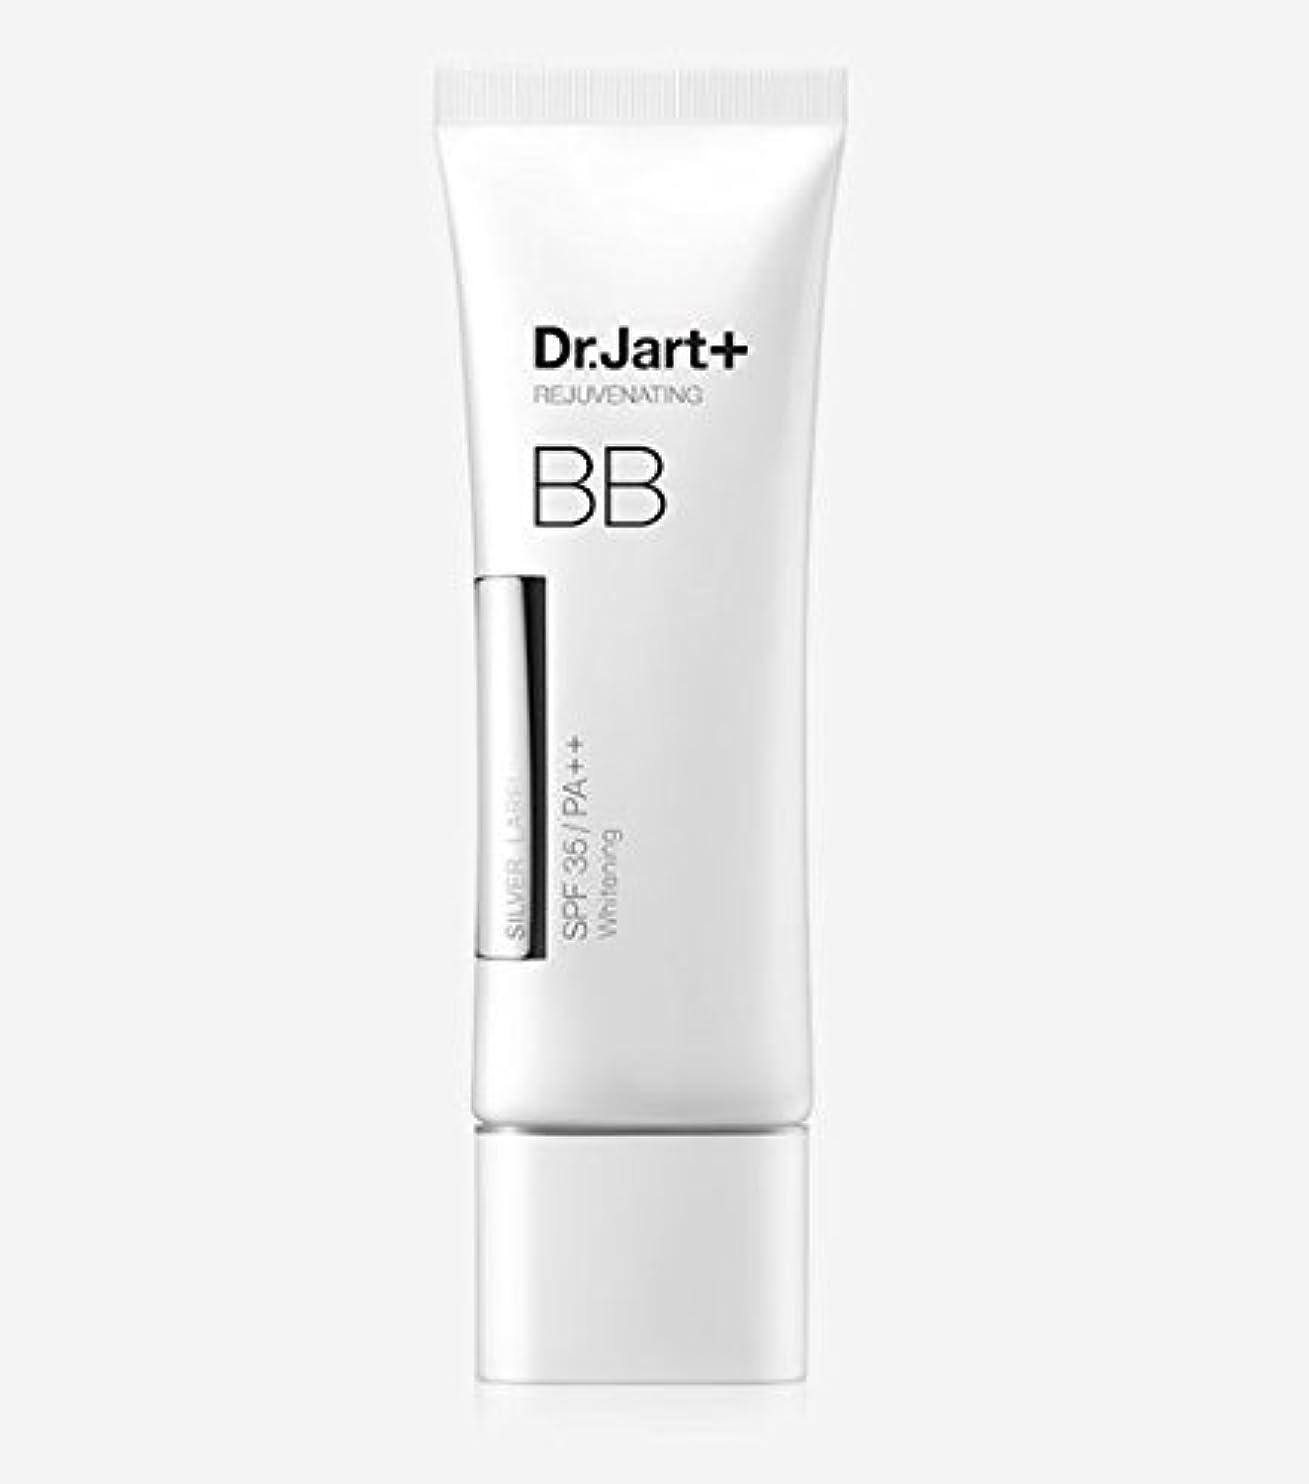 圧倒するさわやか改修[Dr. Jart] Silver Label BB Rejuvenating Beauty Balm 50ml SPF35 PA++/[ドクタージャルト] シルバーラベル BB リジュビネイティング ビューティー バーム...